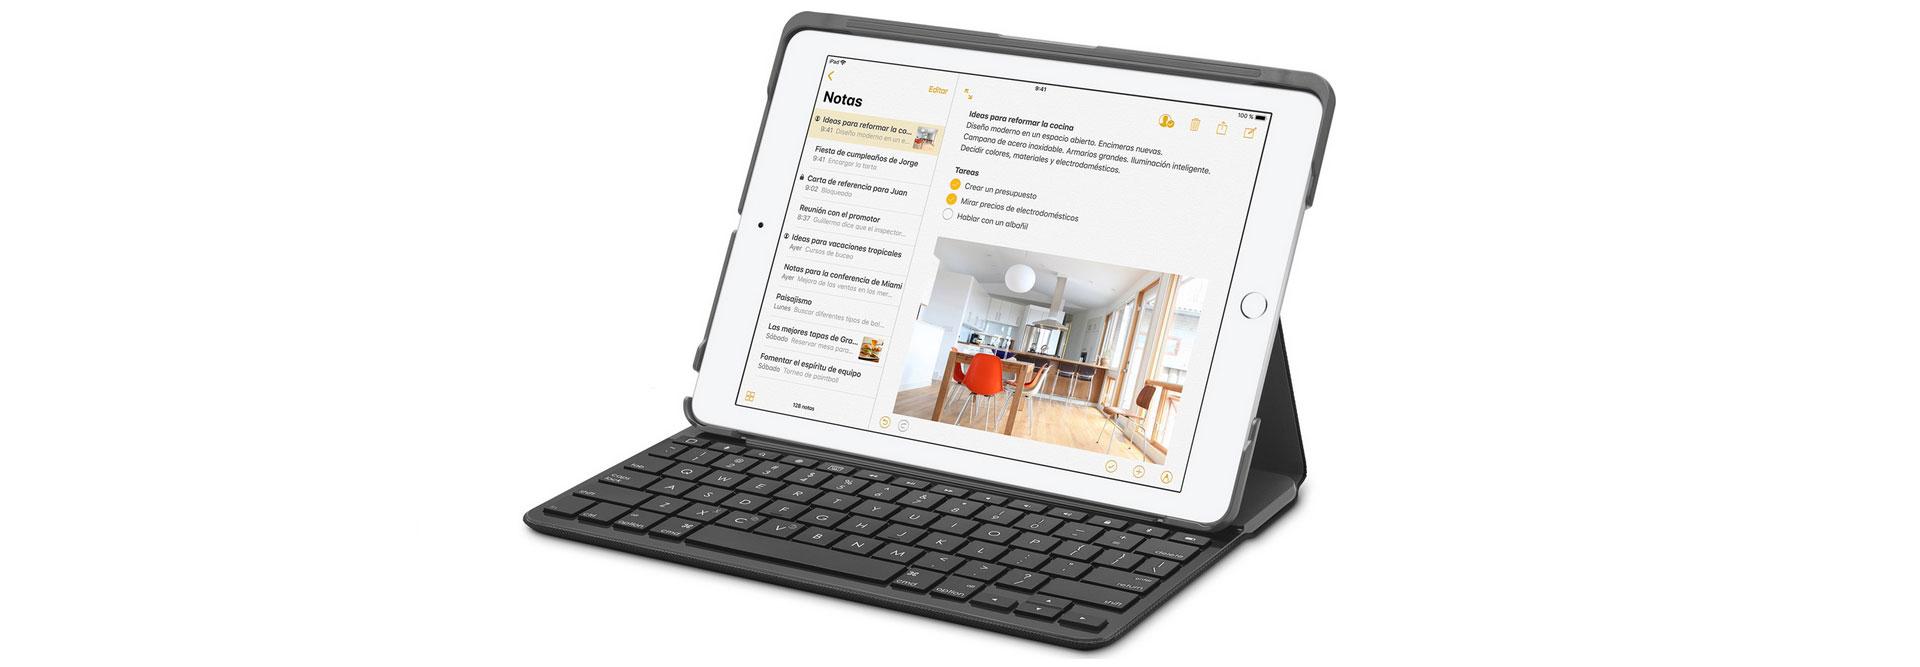 Por qué el iPad (2018) puede ser un buen portátil (y por qué no ...